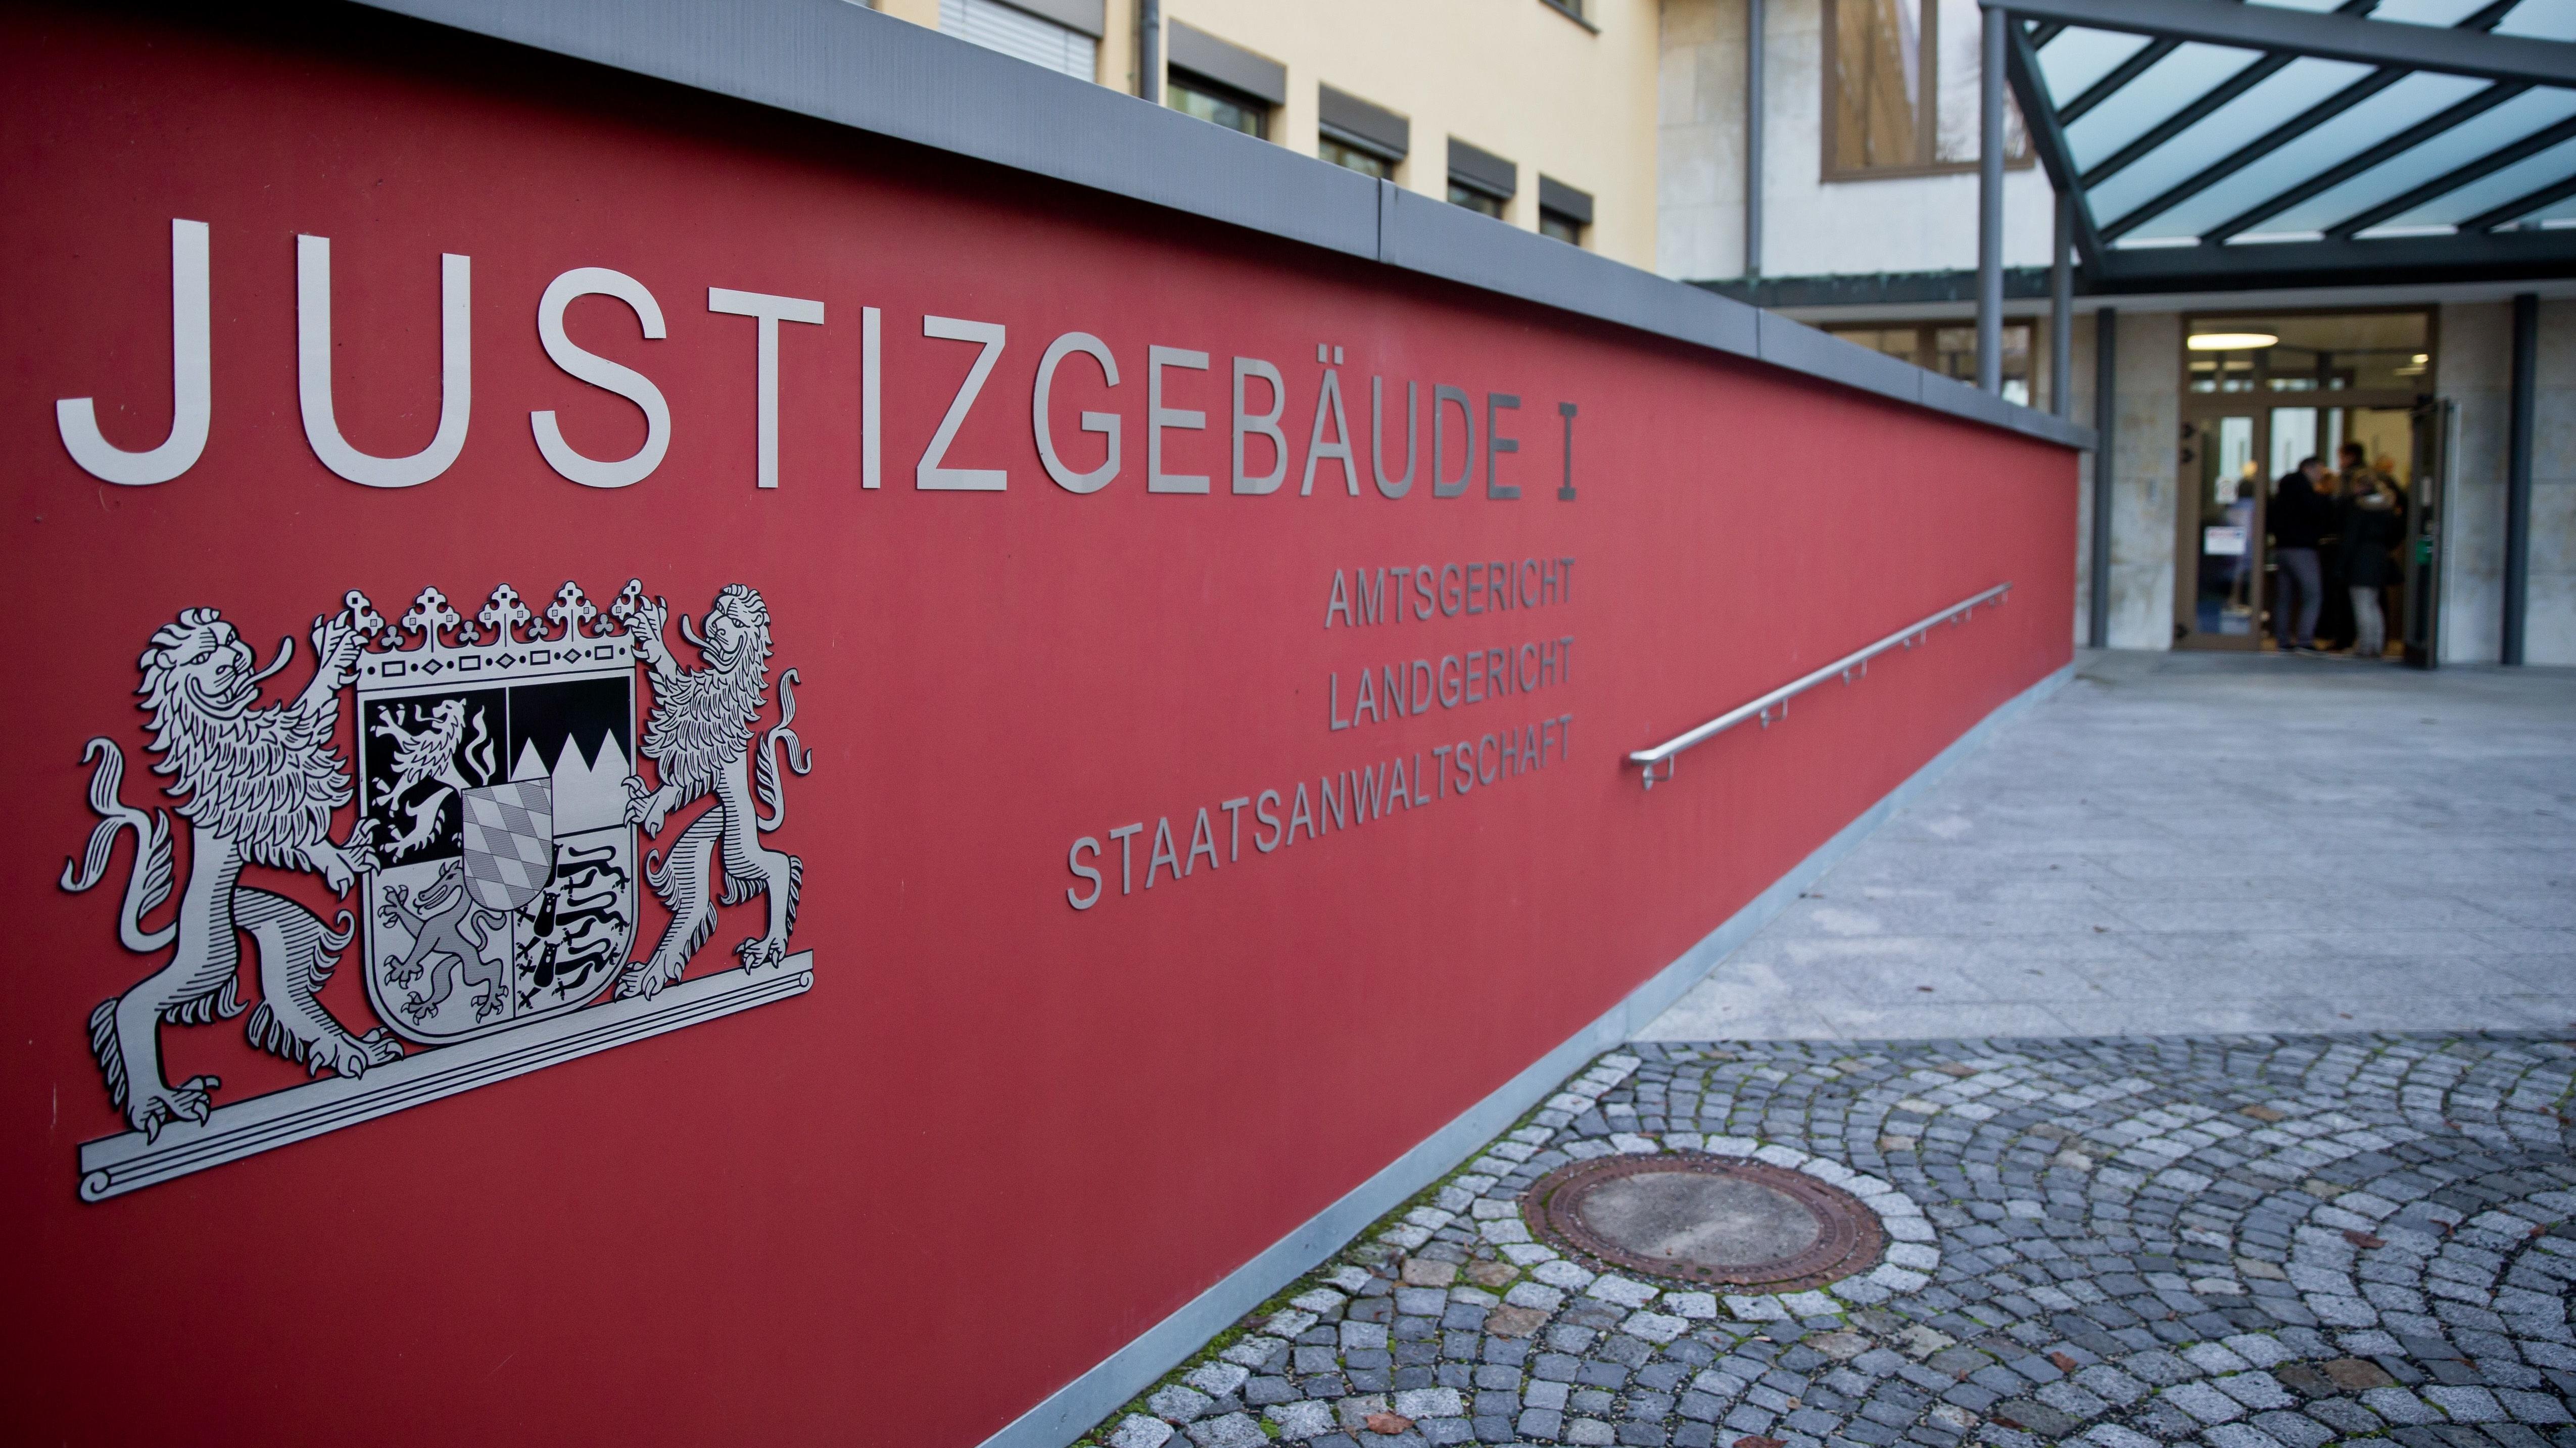 Rote Wand mit der Aufschrift Justizgebäude I, Amtsgericht, Landgericht, Staatsanwaltschaft